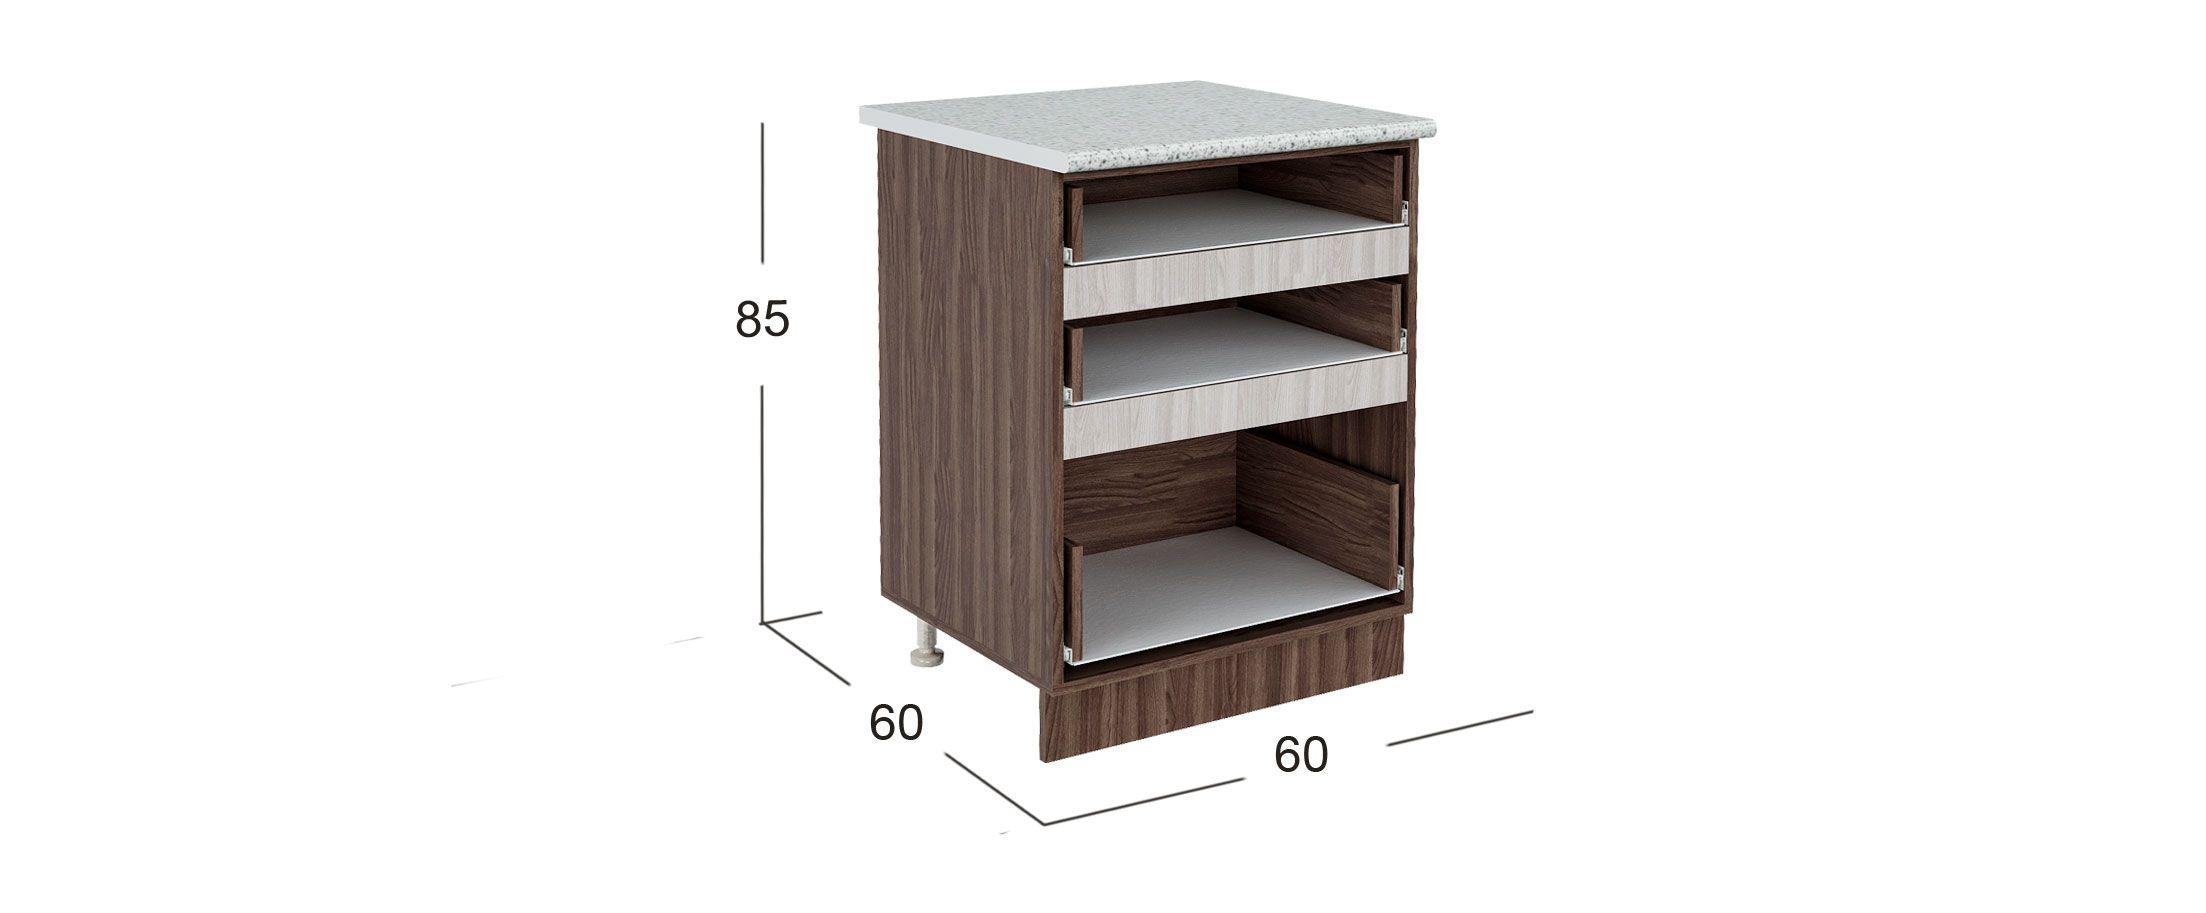 Кухня Шимо темный 2,2 мКупить удобный и практичный набор кухонного гарнитура в интернет магазине MOON TRADE. Быстрая доставка, вынос упаковки, гарантия! Выгодная покупка!<br><br>Ширина см: 220<br>Глубина см: 60<br>Высота см: 82<br>Материал столешницы: ЛДСП с пленкой ПВХ<br>Материал корпуса: ЛДСП<br>Тип направляющих: Роликовые<br>Цвет корпуса: Ясень шимо темный<br>Цвет столешницы: Асфальт белый<br>Цвет фасада: Ясень шимо светлый, Ясень шимо темный<br>Материал фасада: ЛДСП